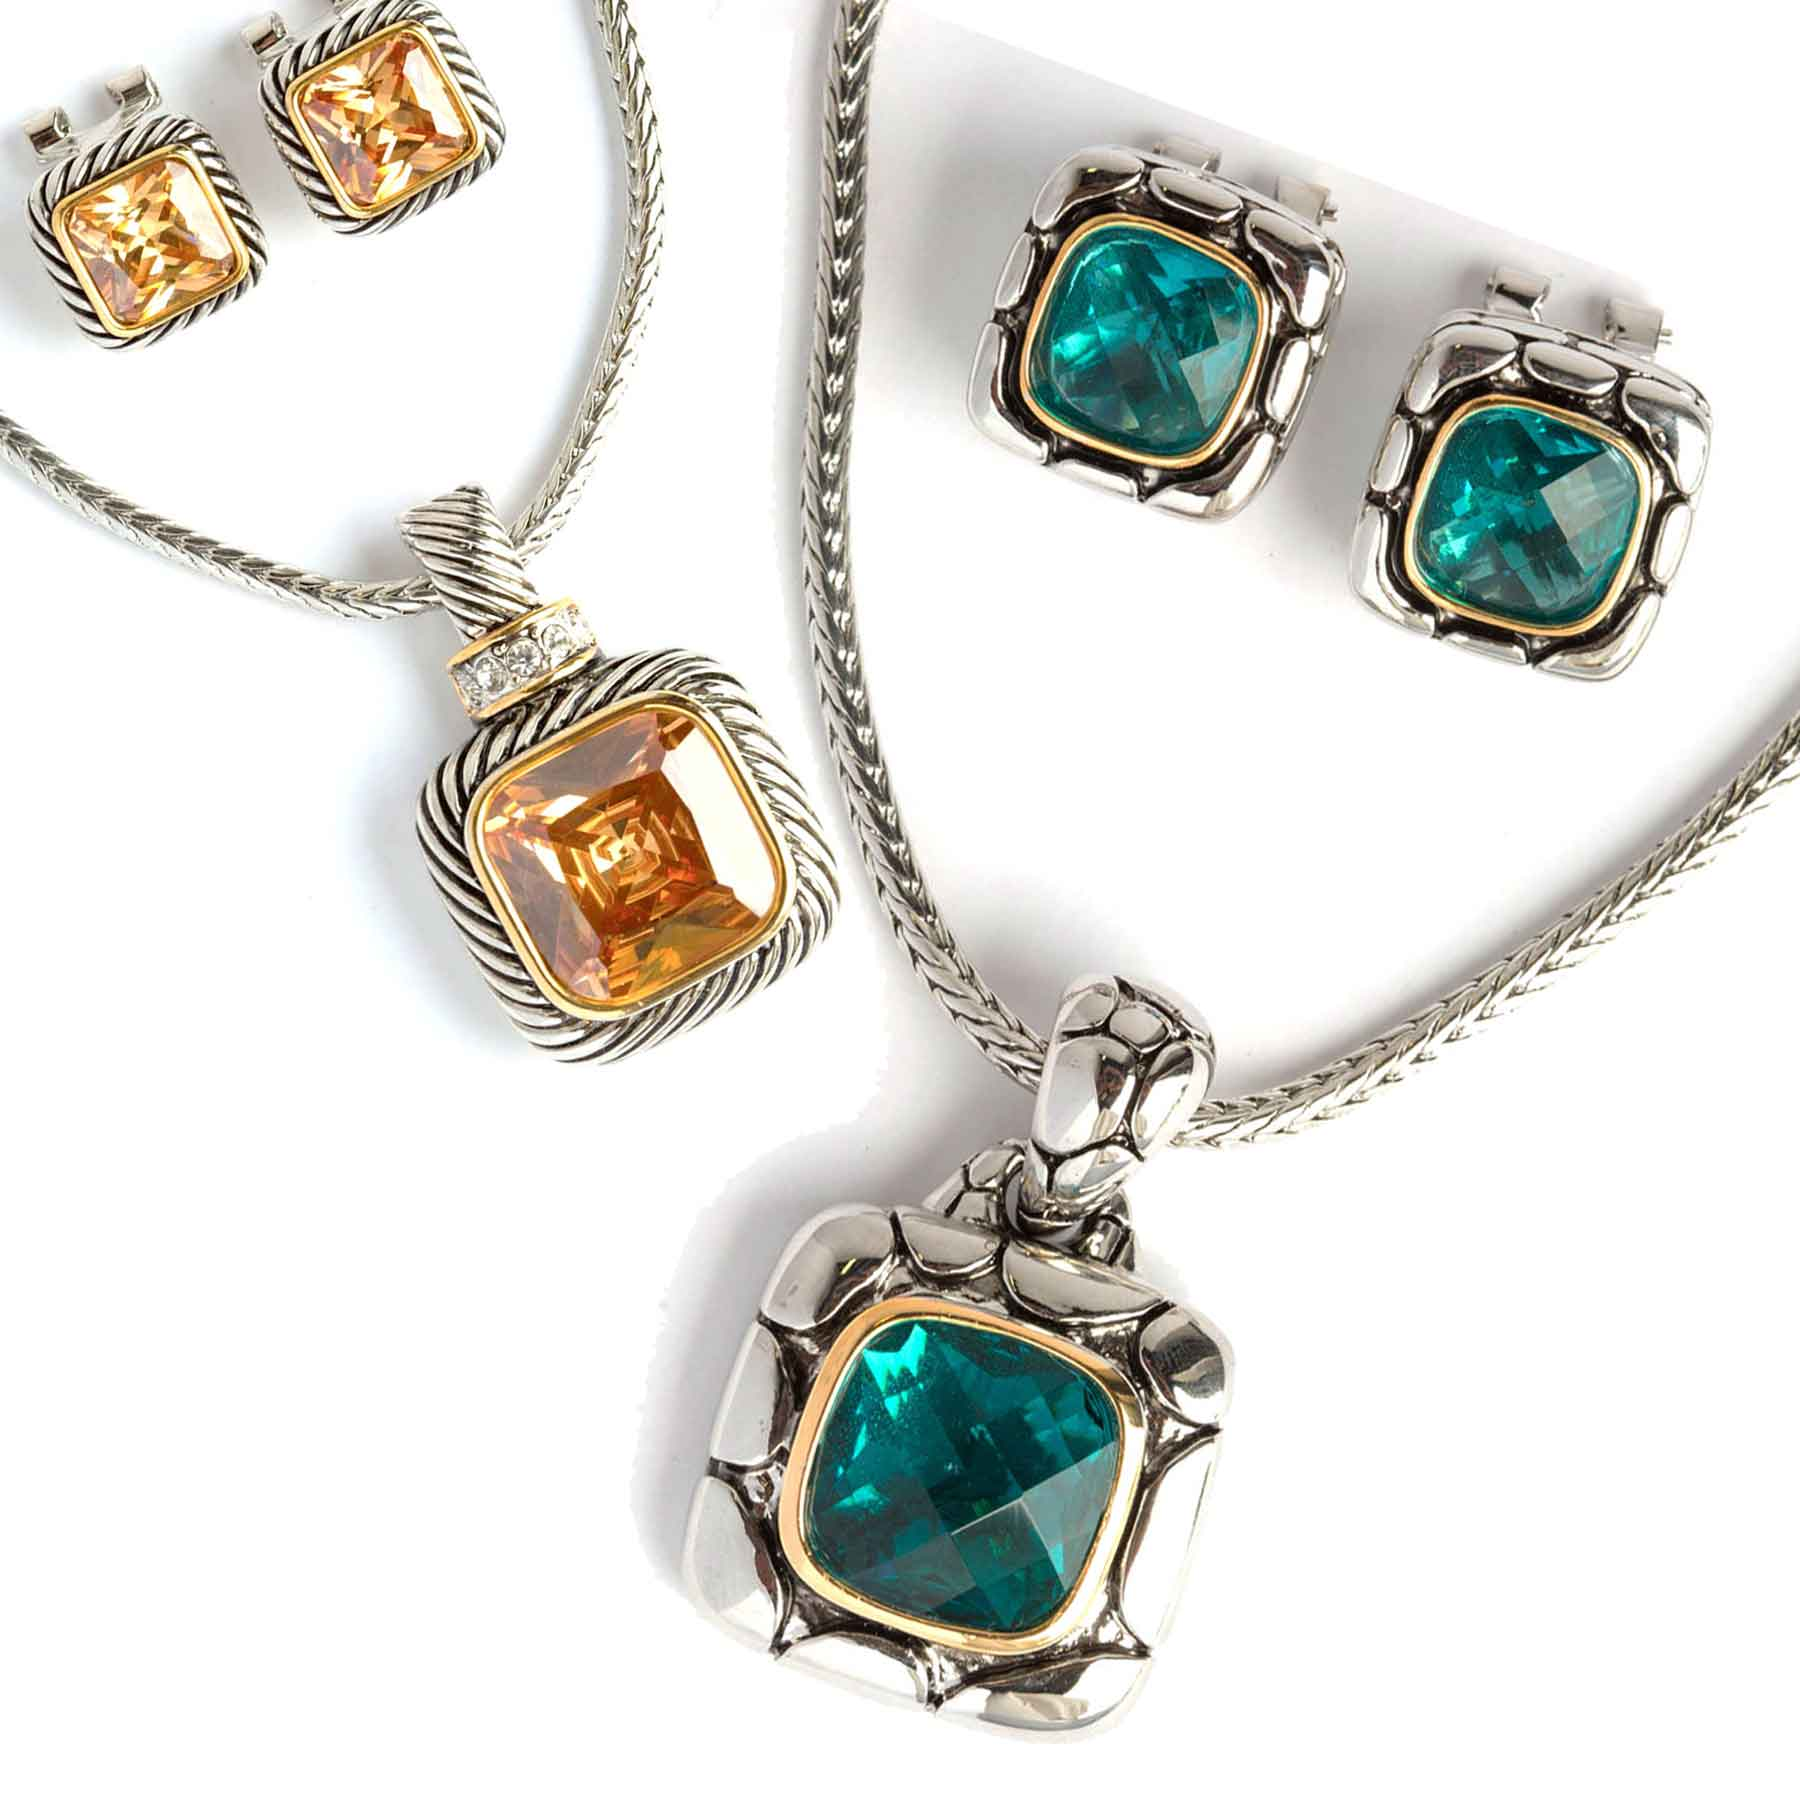 Boutique Edition Necklaces (Fine Quality)